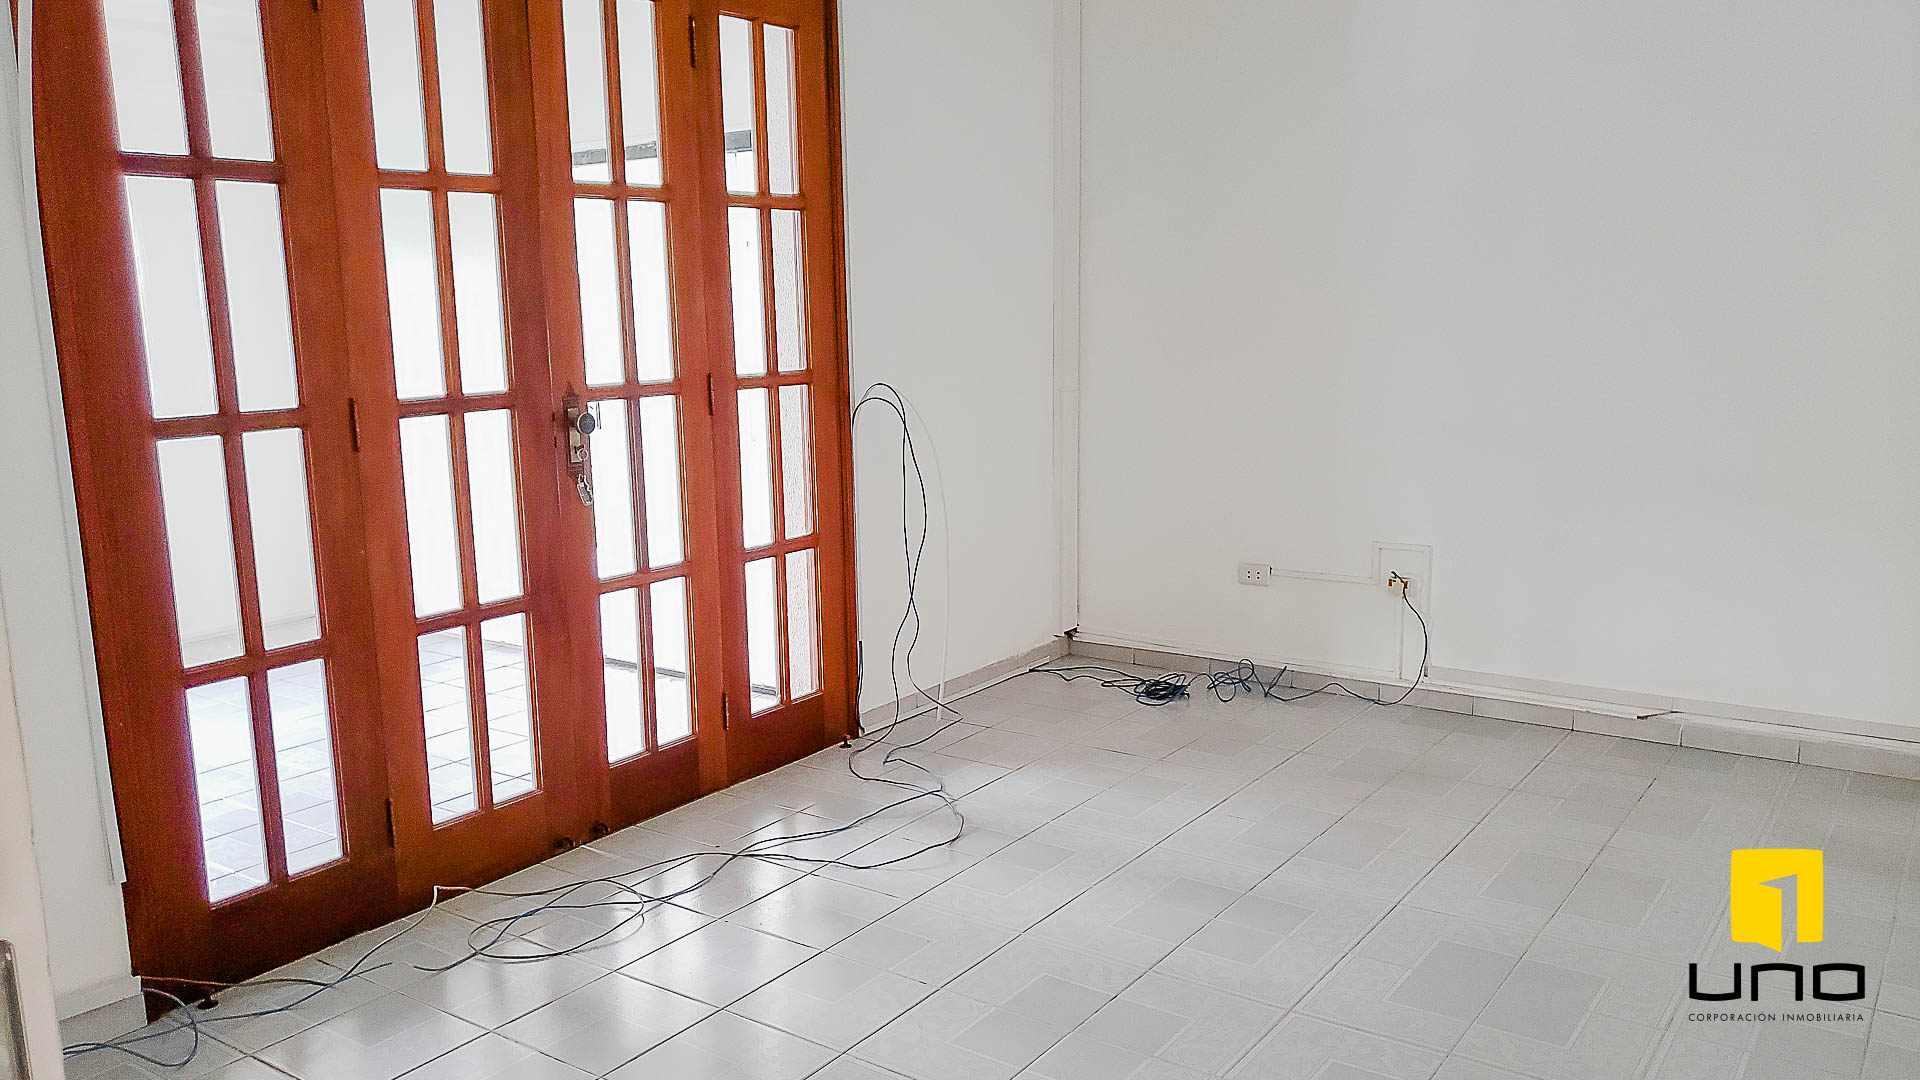 Casa en Alquiler BARRIO EQUIPETROL ALQUILO AMPLIA CASA PARA OFICINAS Foto 17